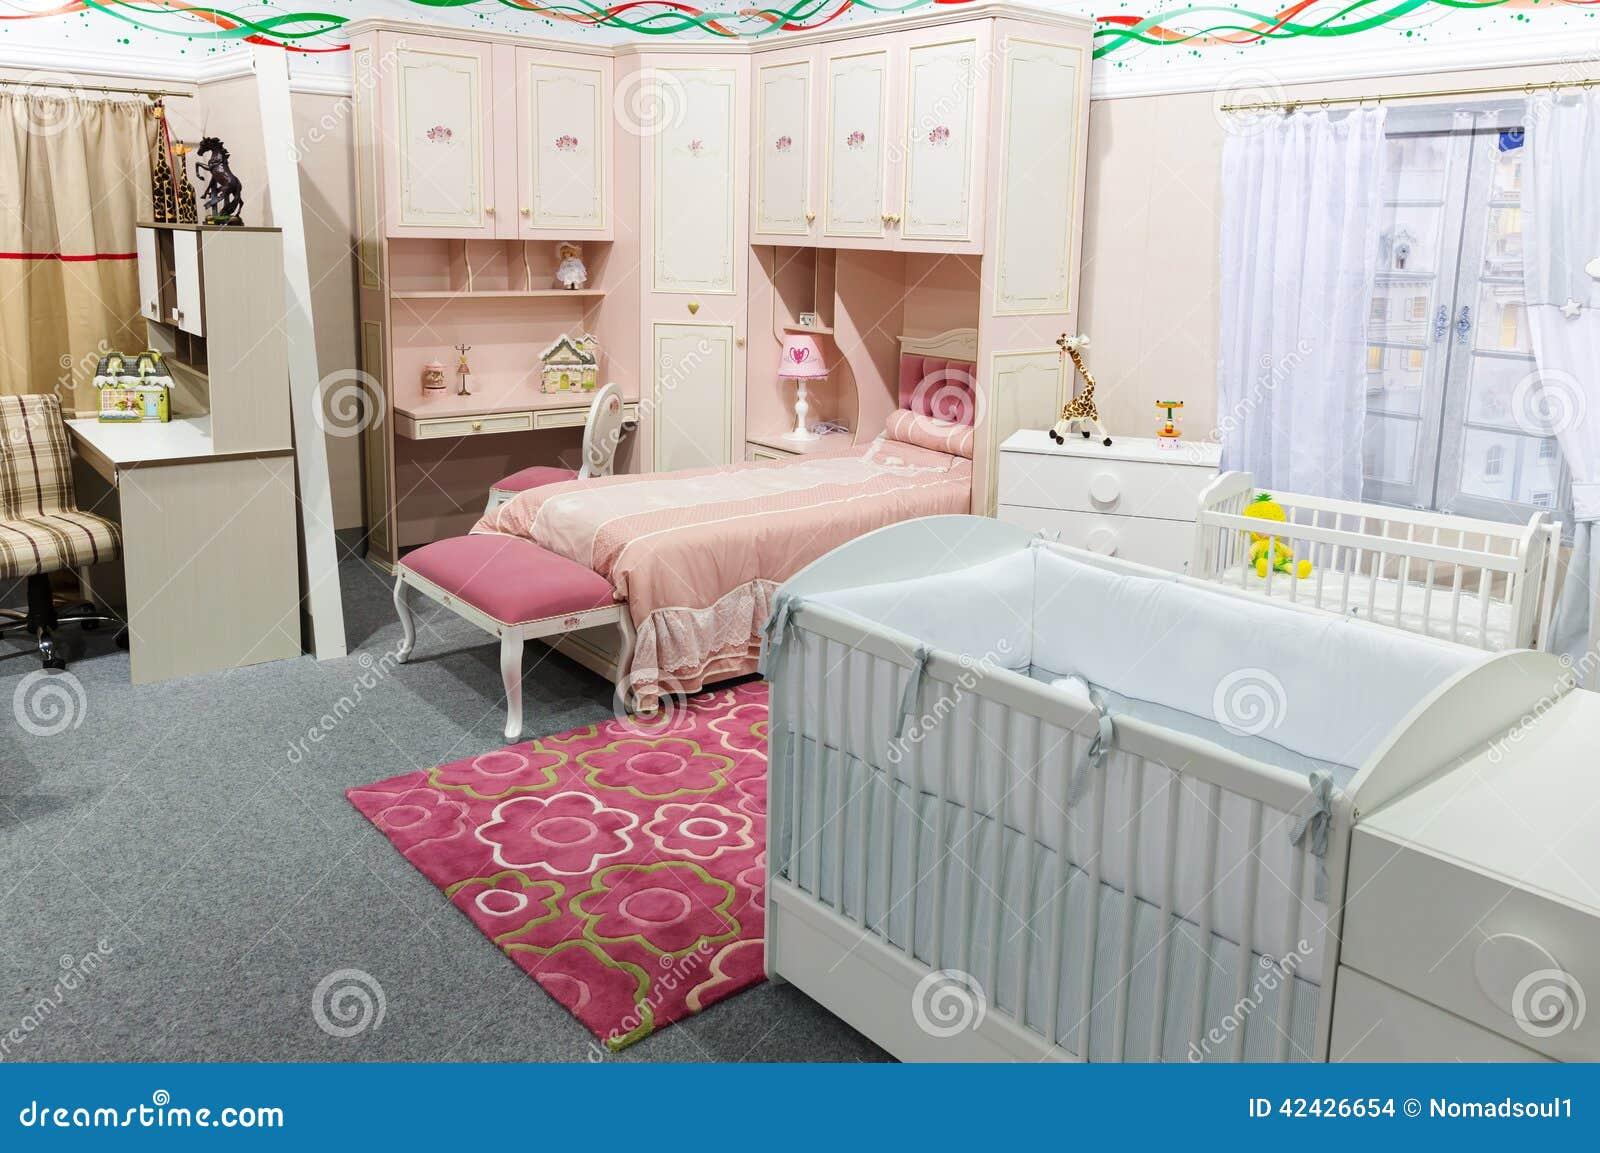 Slaapkamer Met Pastelkleuren : De slaapkamer van de baby in pastelkleuren stock foto afbeelding